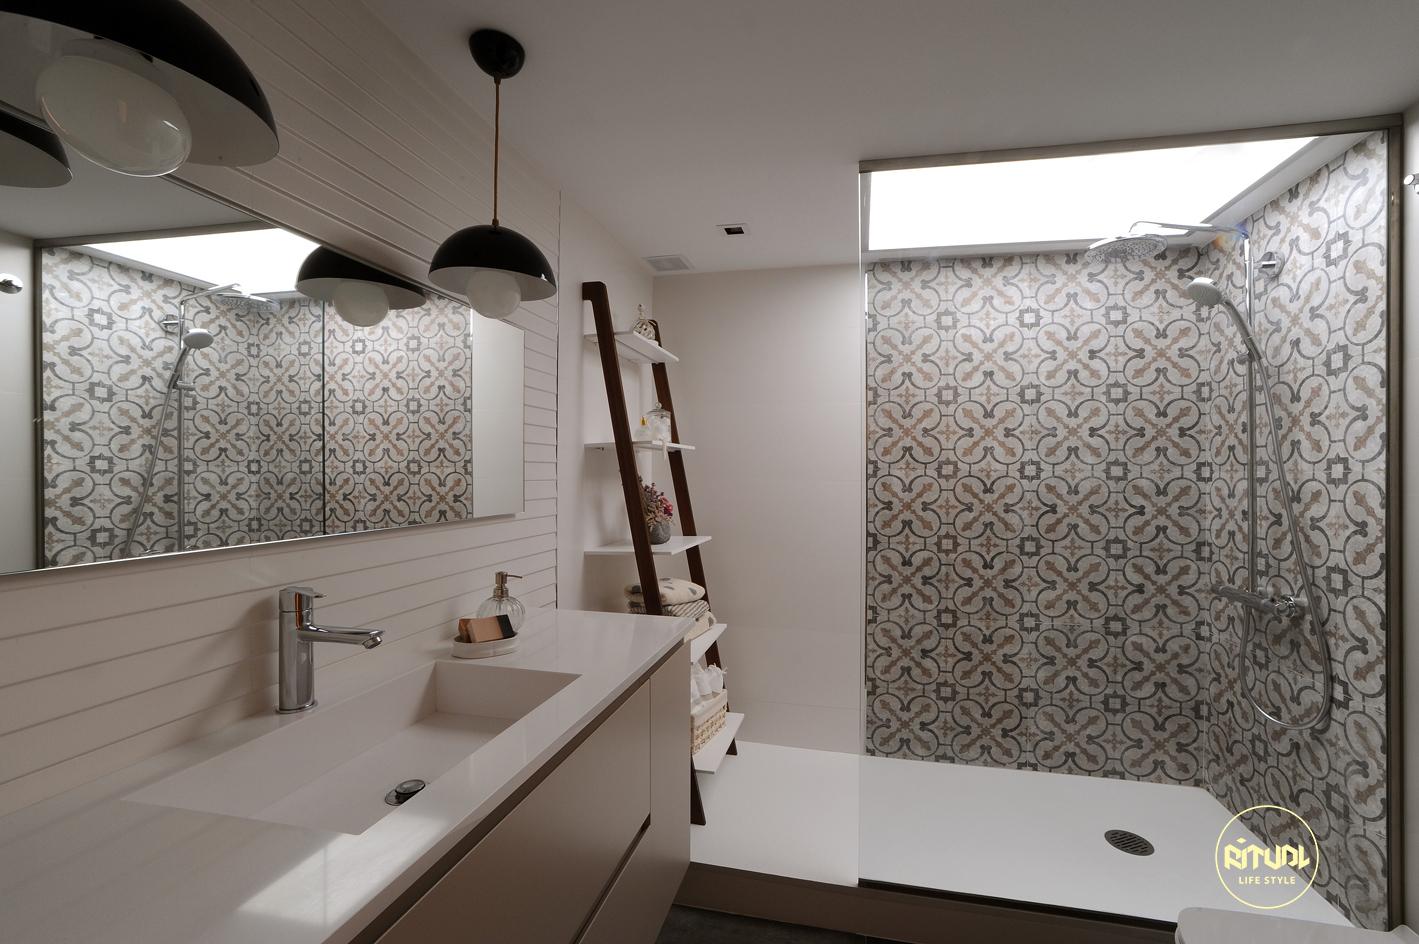 Mete los rayos del sol en tu ducha decoradores barcelona - Decoradores de interiores barcelona ...